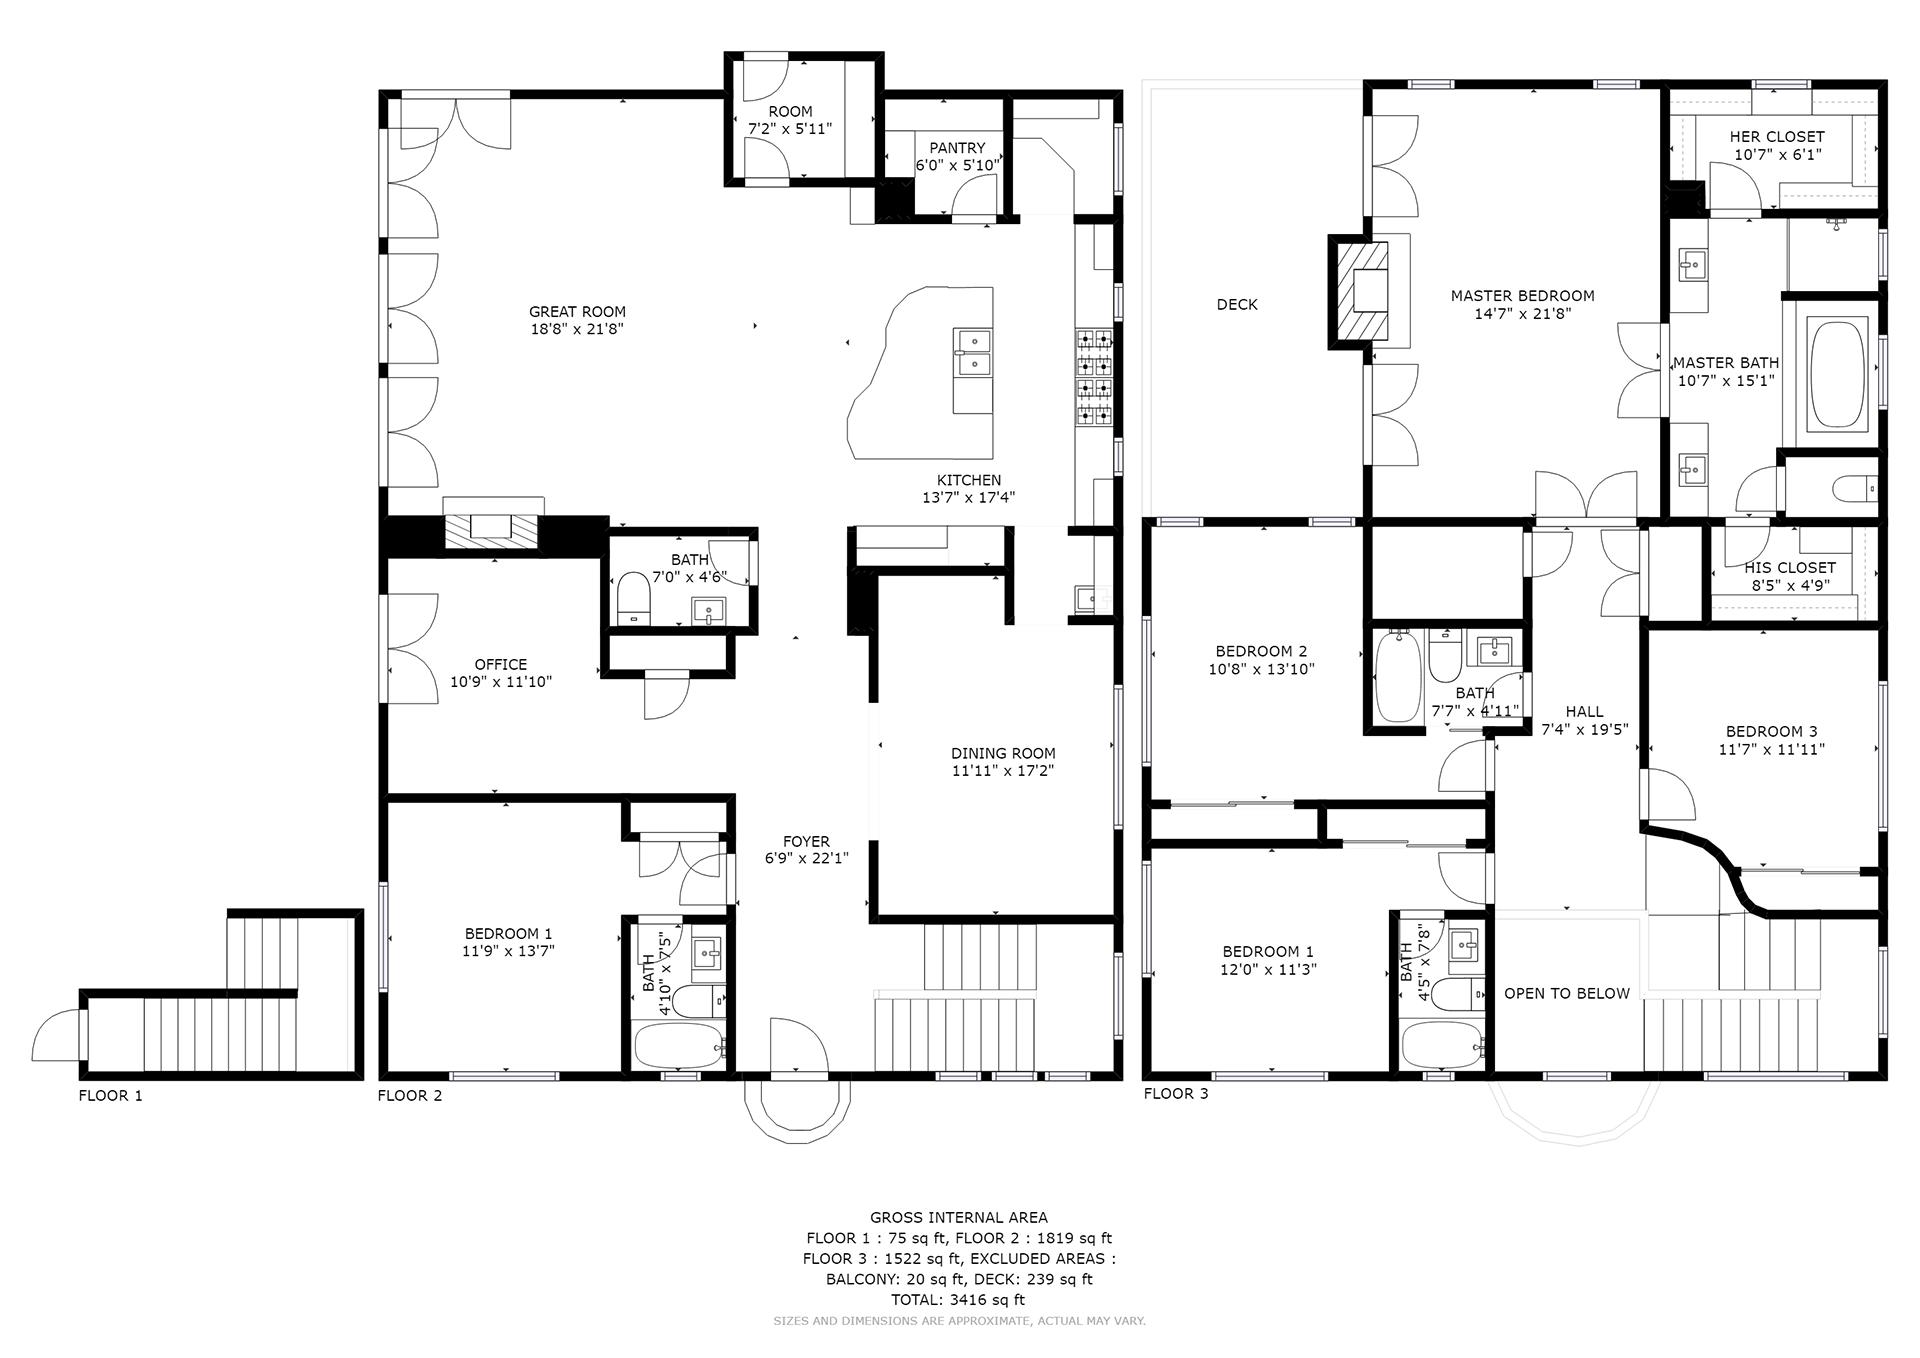 Matterport Floor Plan.png